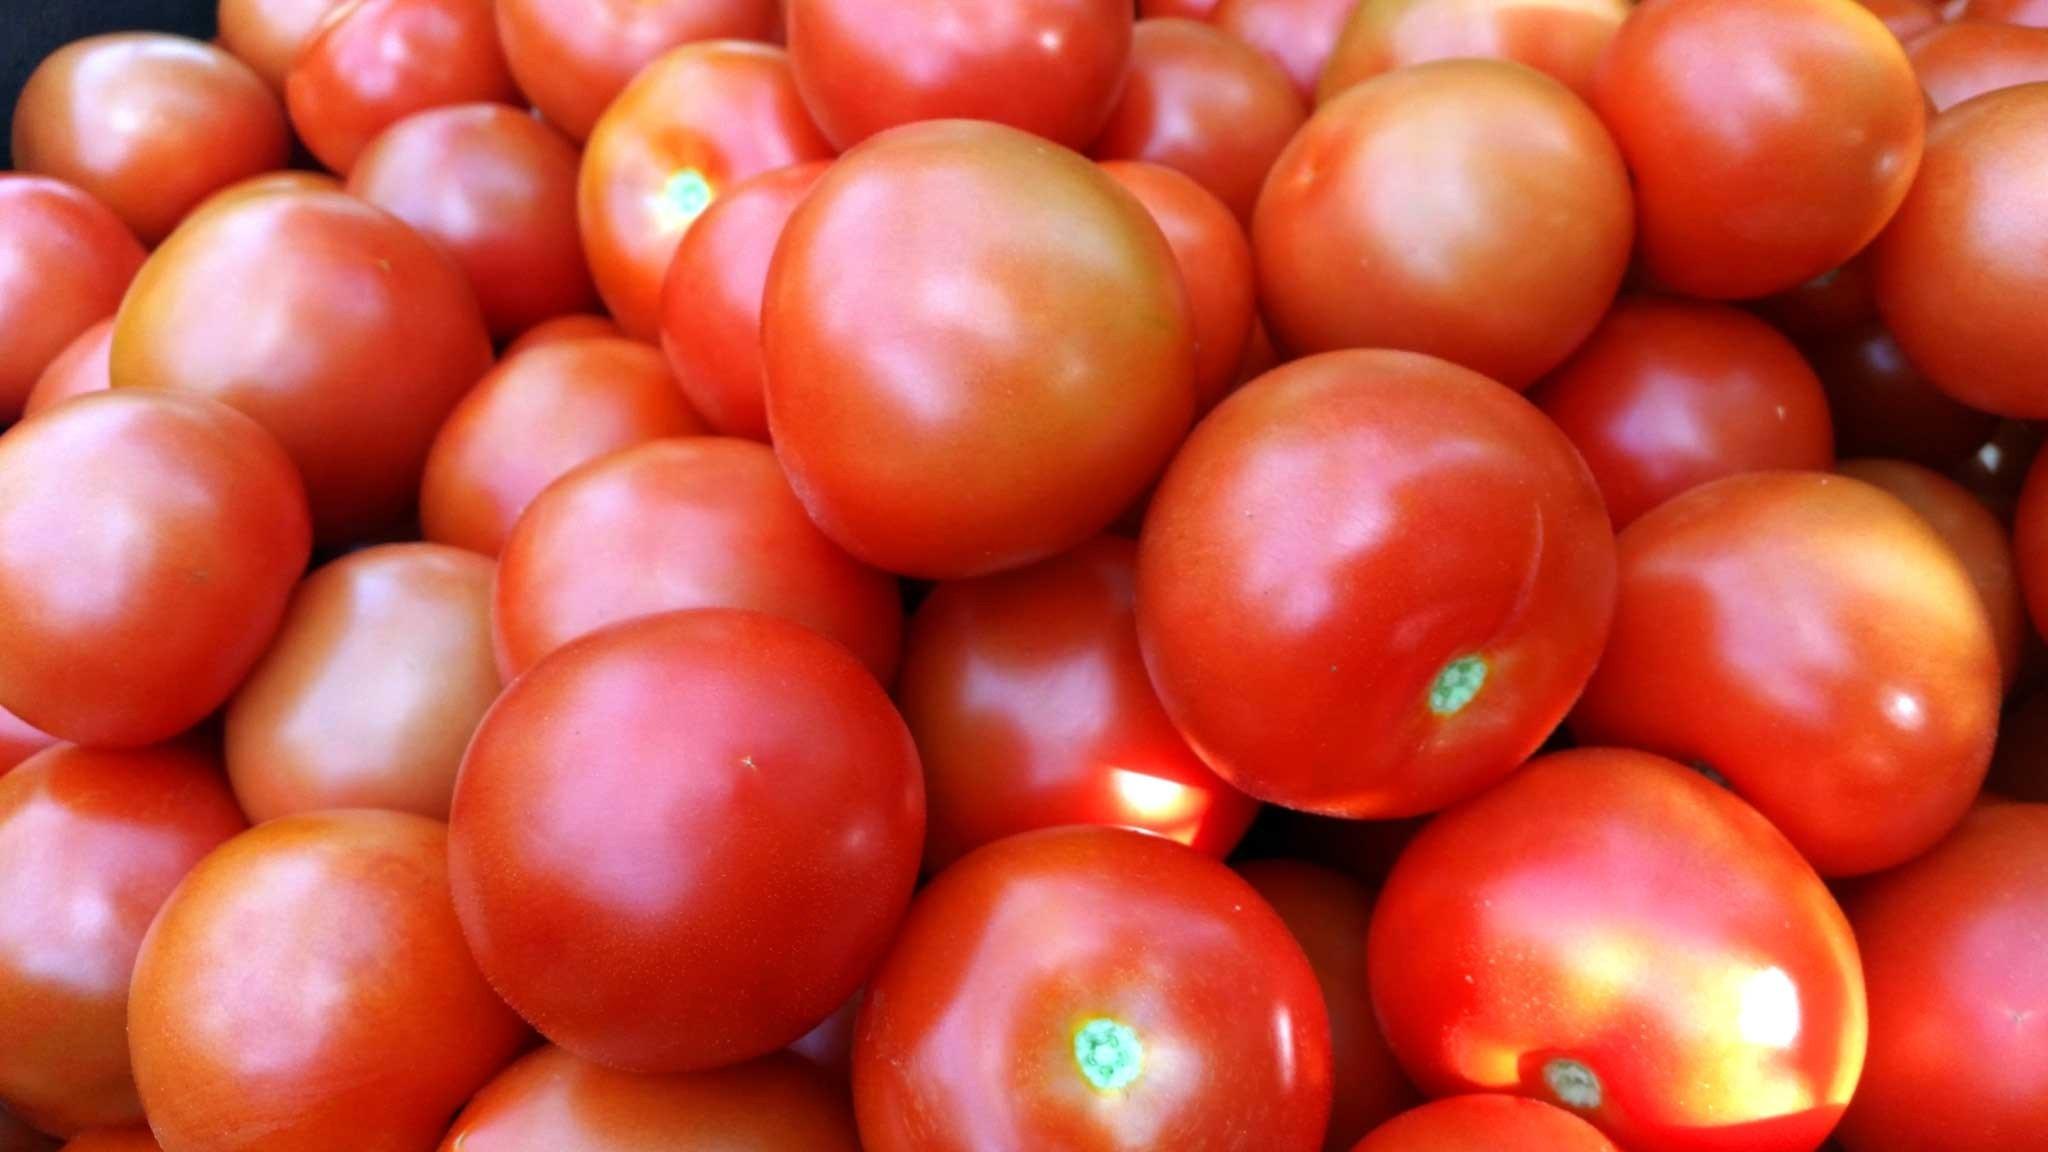 Matens pris: Del 9 - Näringen och grönsakerna